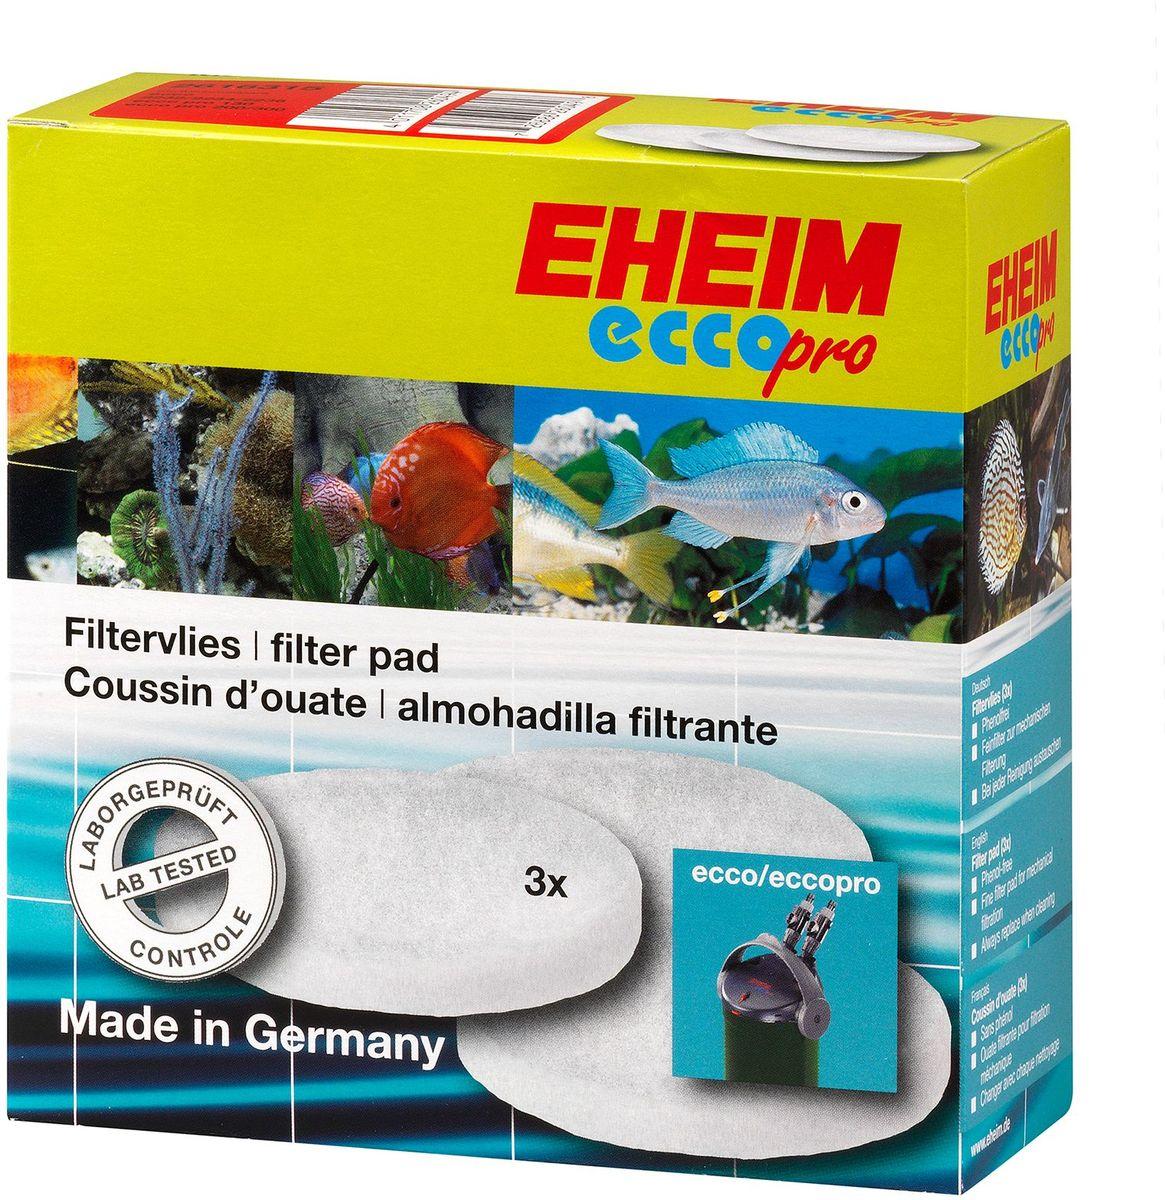 Наполнитель для фильтра Eheim Eccopro 130/200/300, поролон, 3 шт2616315Мелкопористая губка для фильтров Eheim Eccopro 130/200/300 предназначена для завершающей стадии очистки воды.